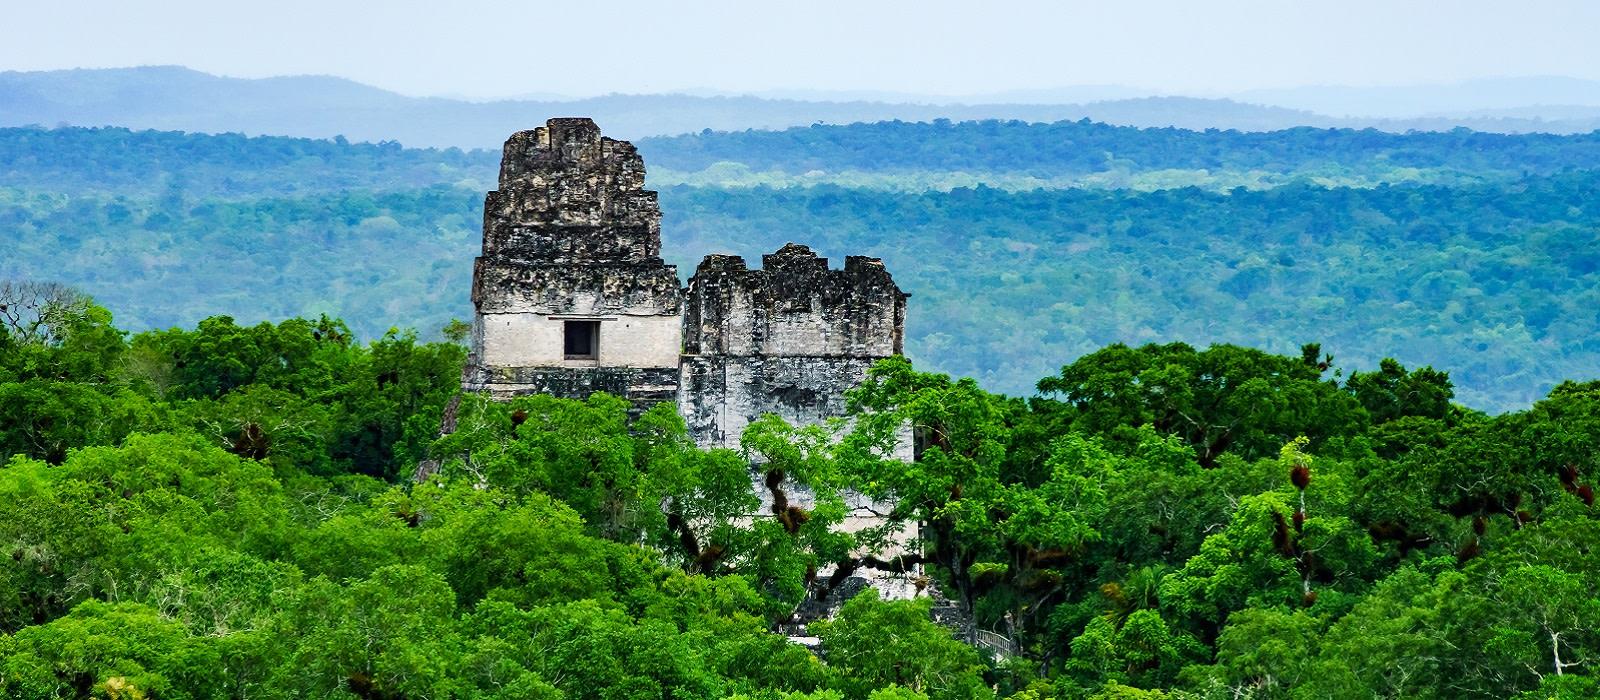 Guatemala Reise – Nationalparks & Vulkanwanderungen Urlaub 1